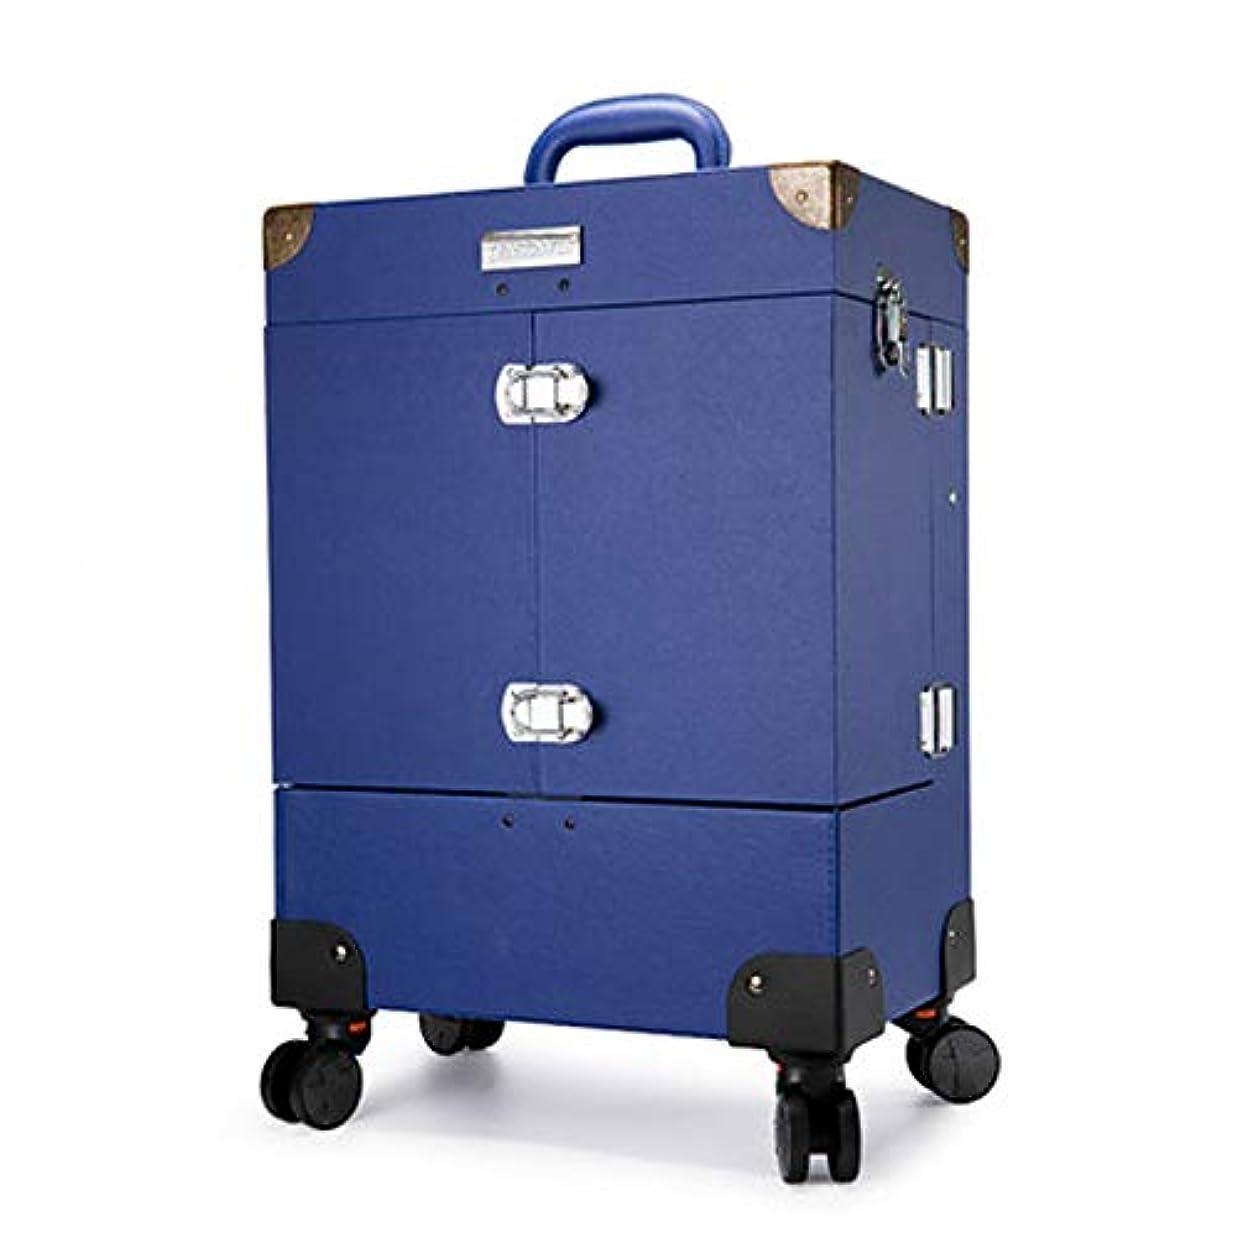 素人強化するマトリックスプロ専用 ネイリスト クローゼット スーツケース ネイル収納 メイクボックス キャリーバッグ ヘアメイク ネイル 大容量 軽量 高品質 多機能 プロ I-JL-3505T-BL